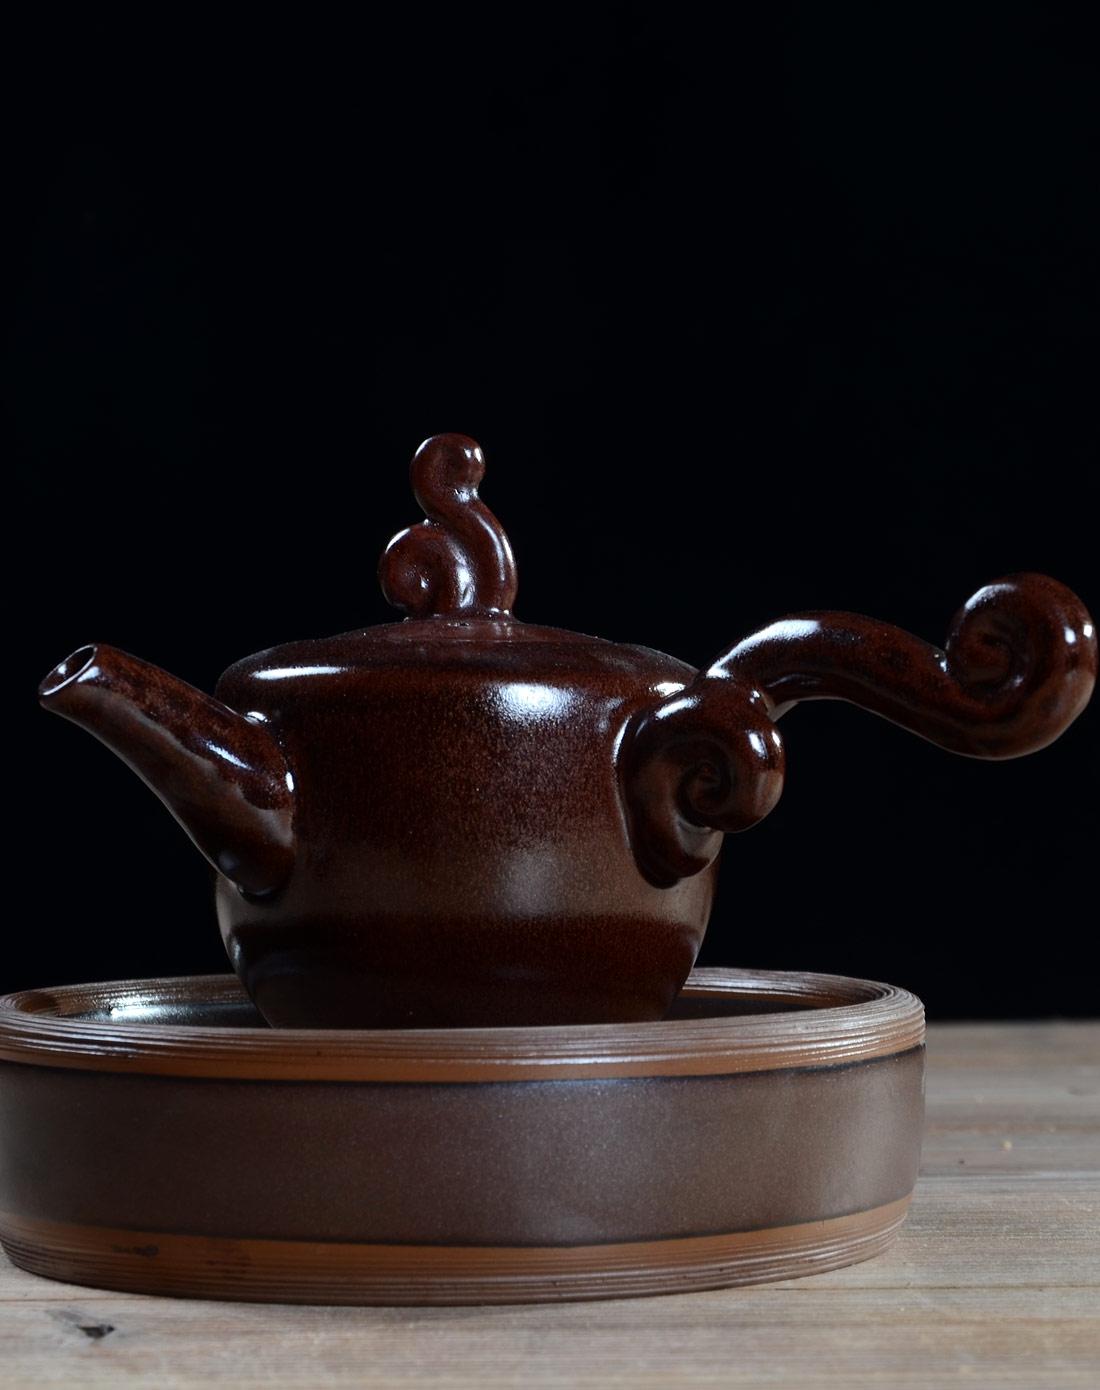 龙鹏茶具专场紫金木雕壶盘壶茶具茶具套装lpcj154